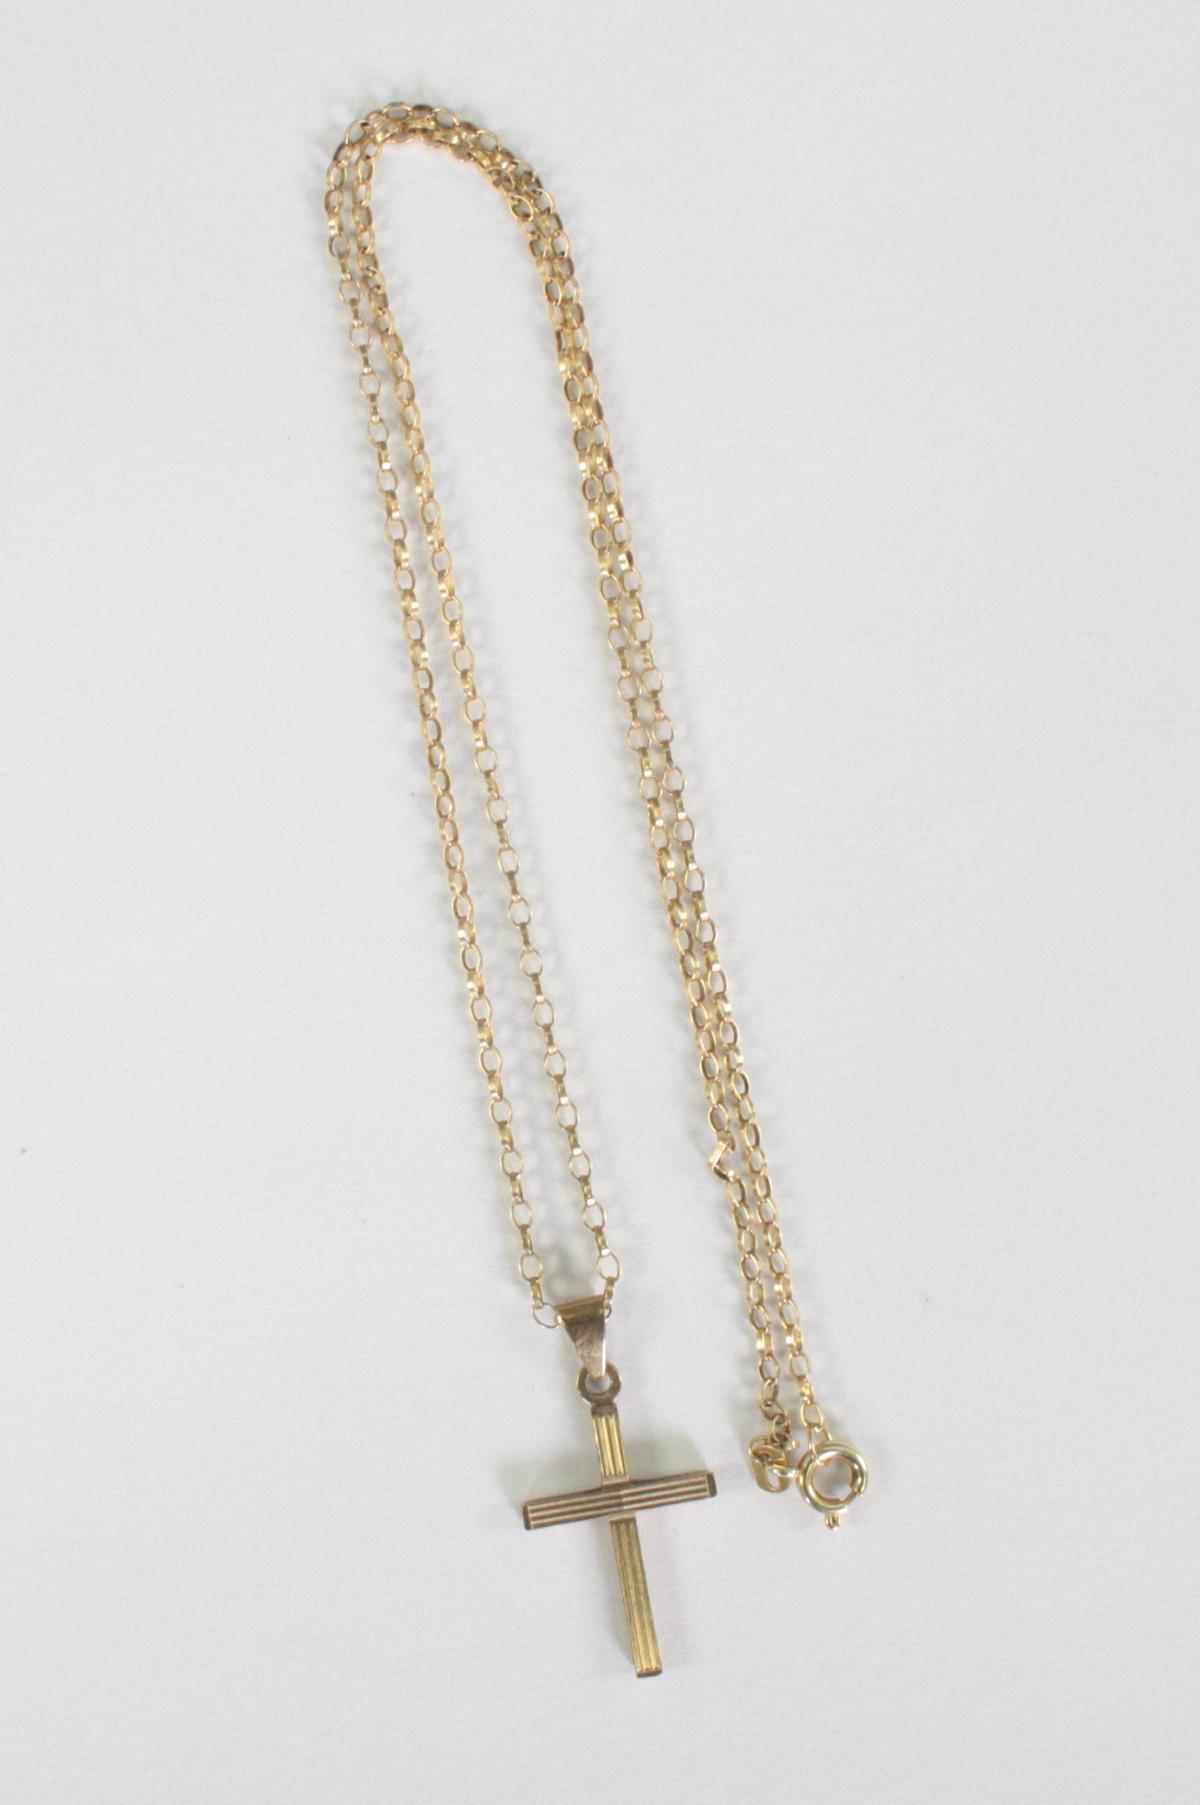 Halskette mit Kreuzanhänger, 8 und 14 Karat Gelbgold